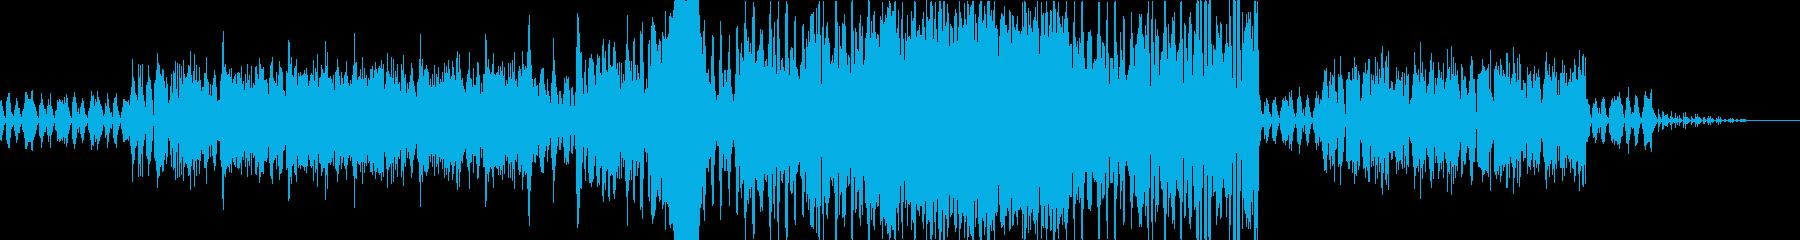 管弦楽によるダーク系BGMの再生済みの波形